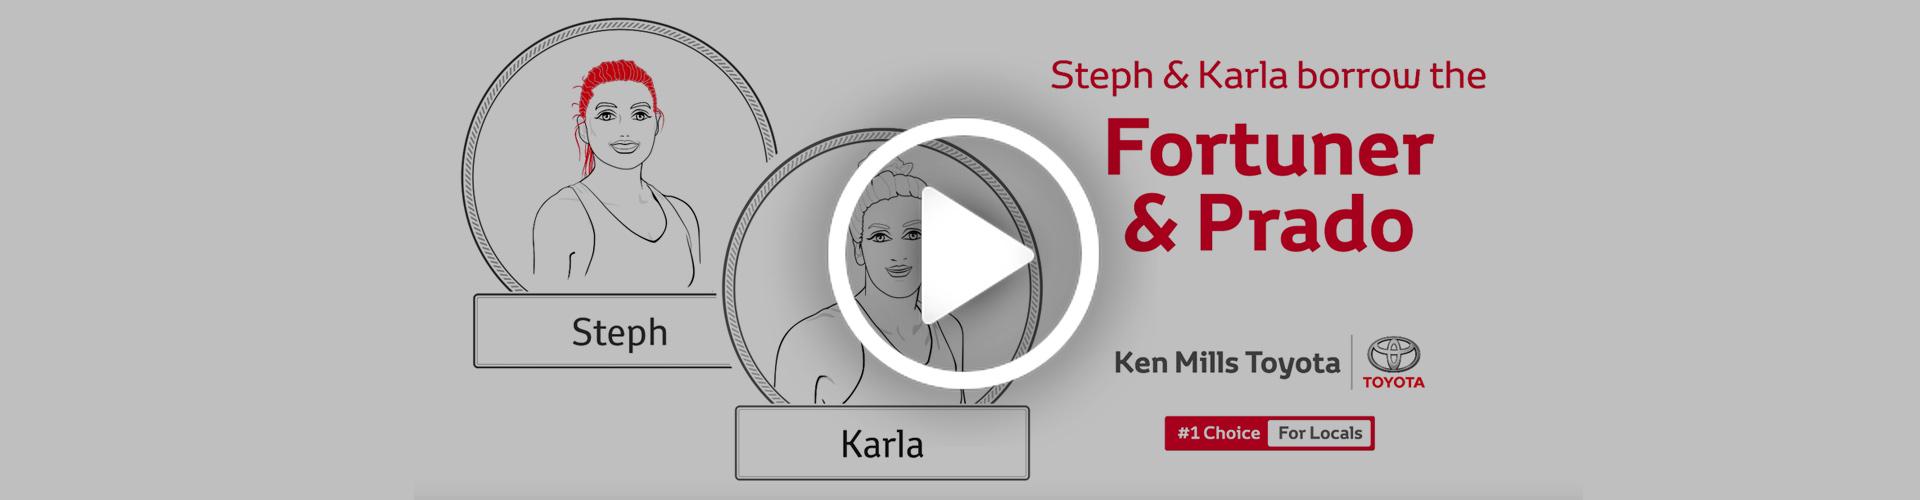 KenMillsToyota-Fortuner&Prado